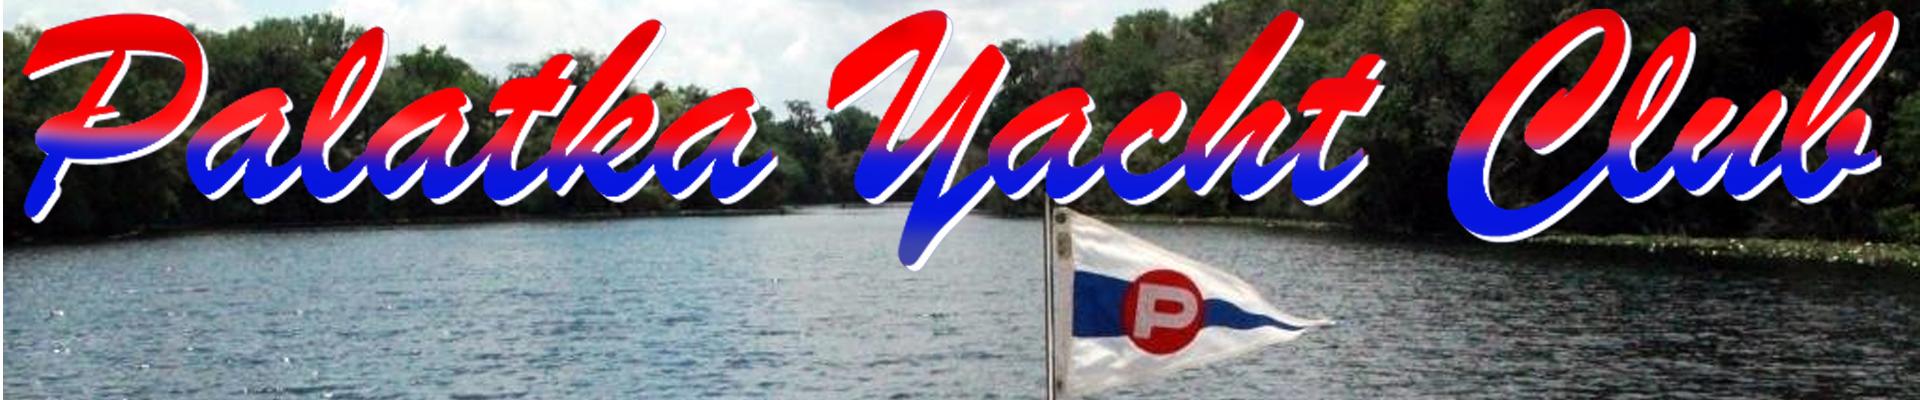 Palatka Yacht Club